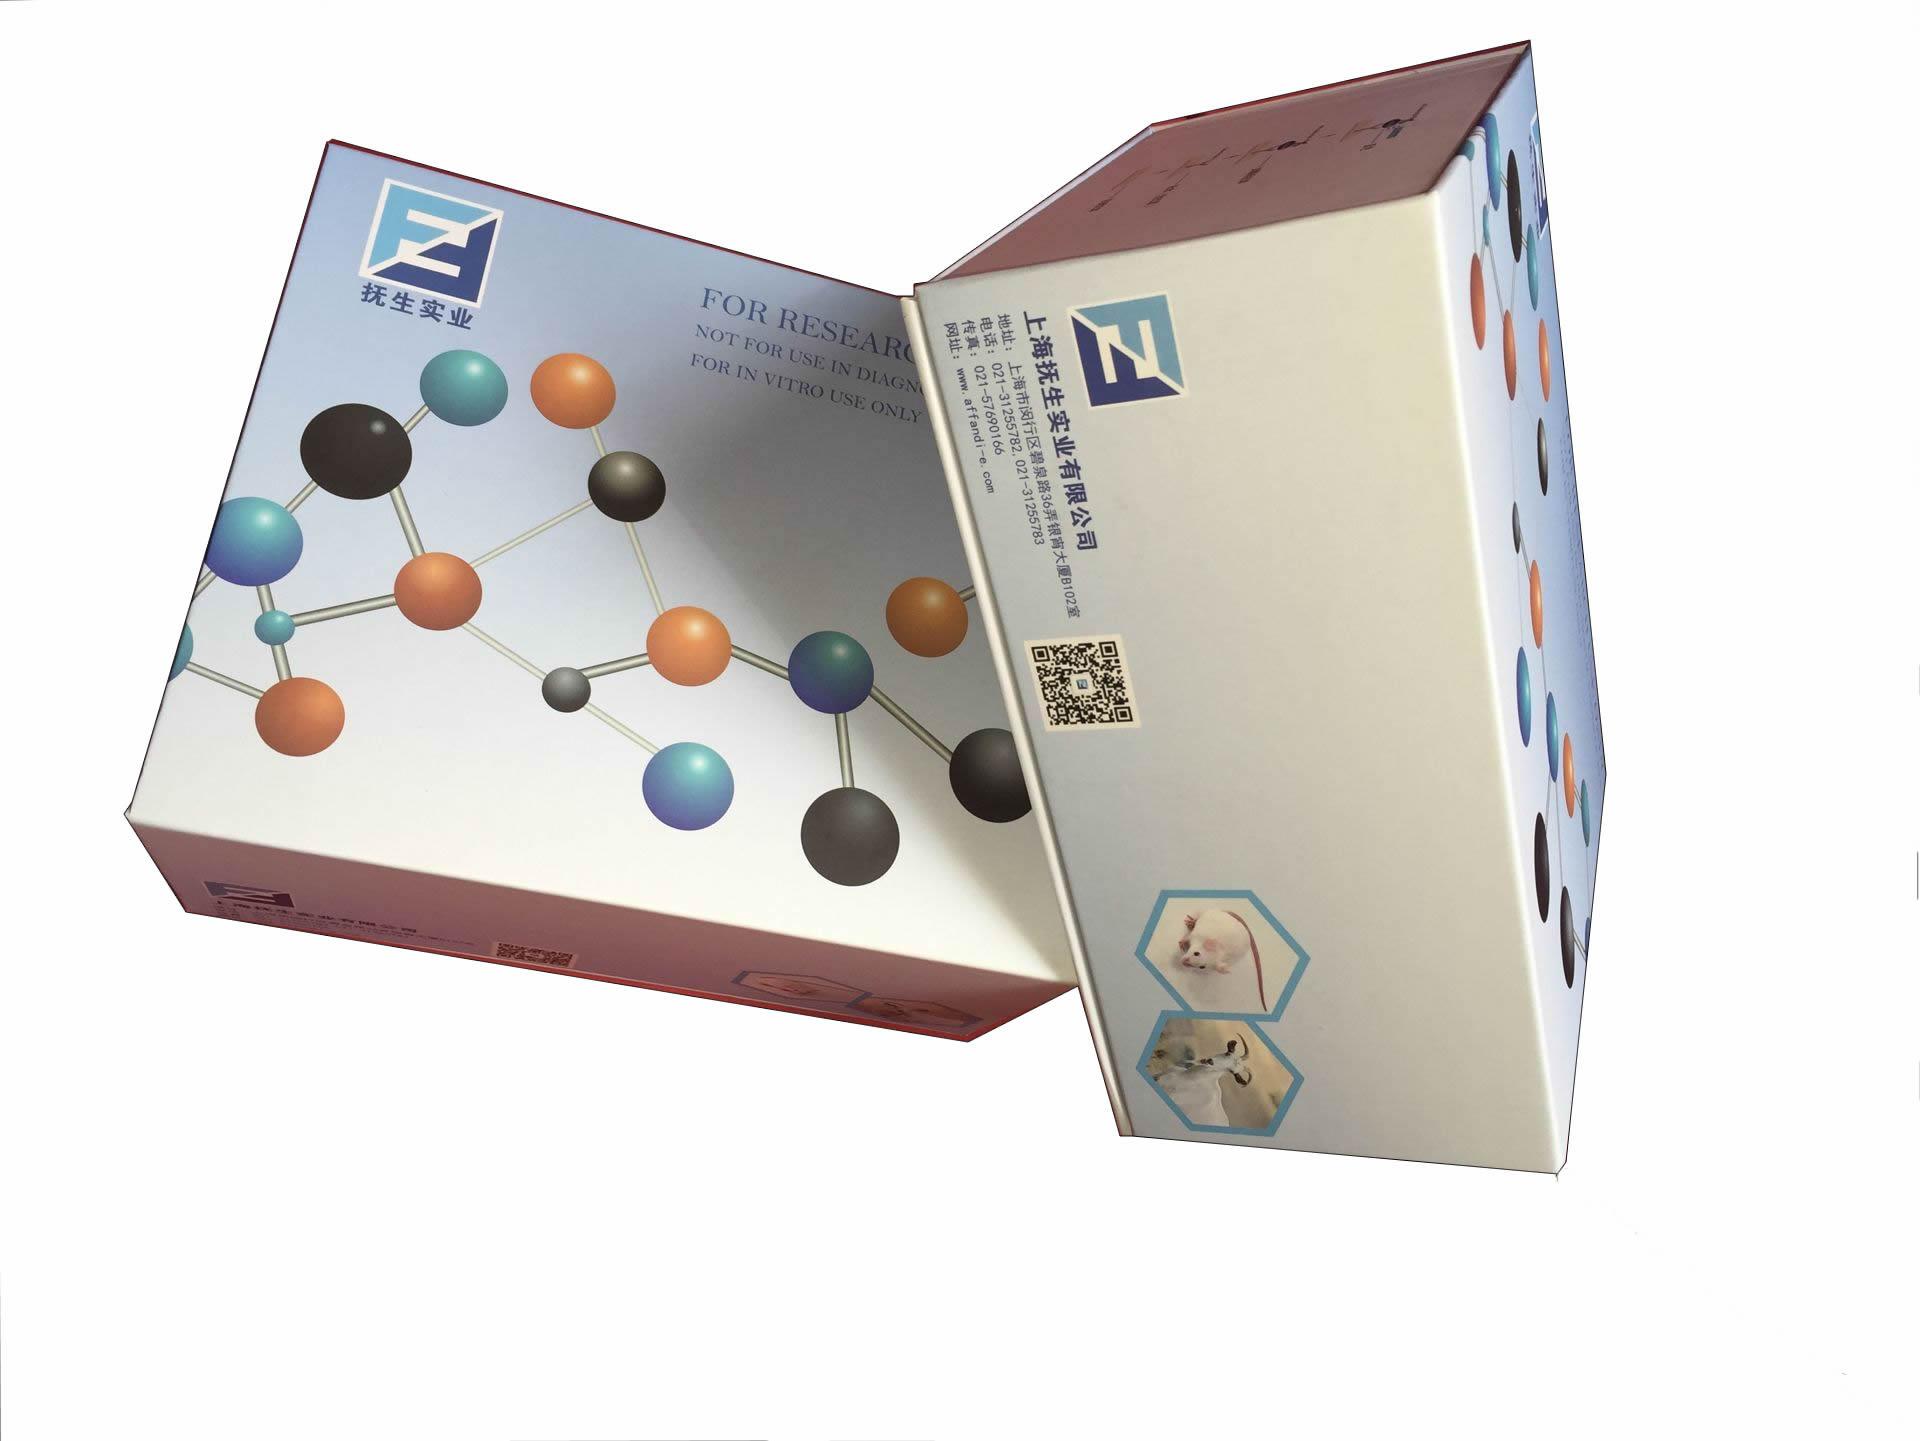 H9型禽流感病毒抗体检测试剂盒